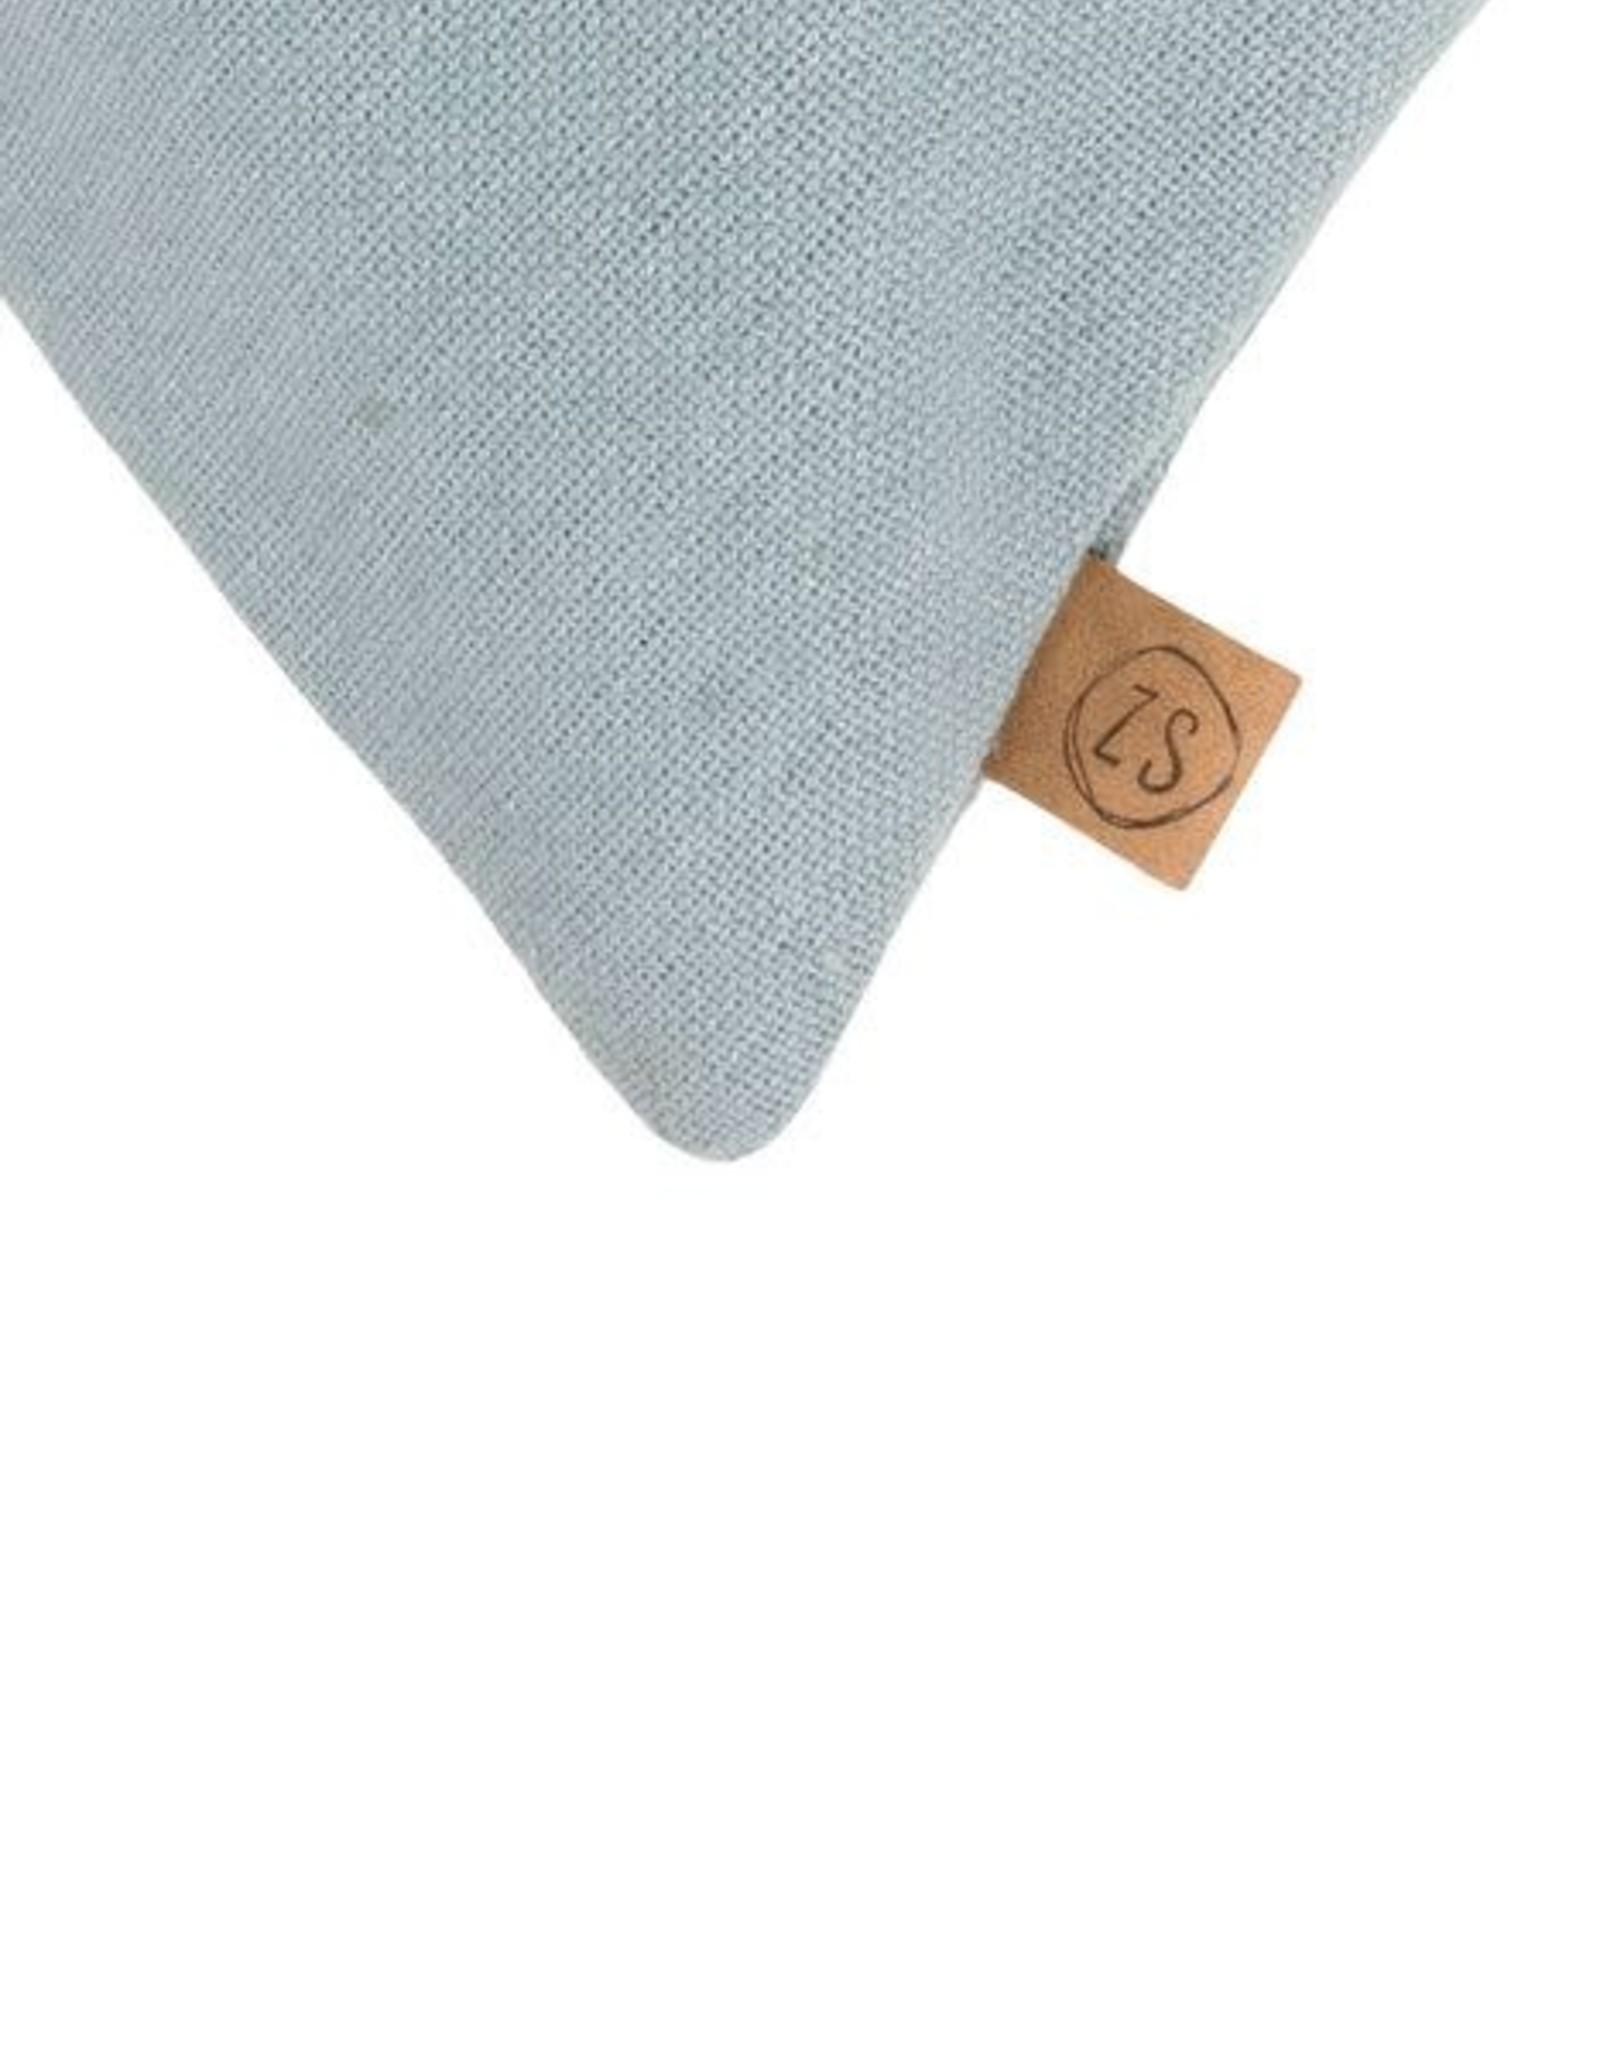 Zusss Zusss - Kussen takje 45x45 cm grijs-blauw